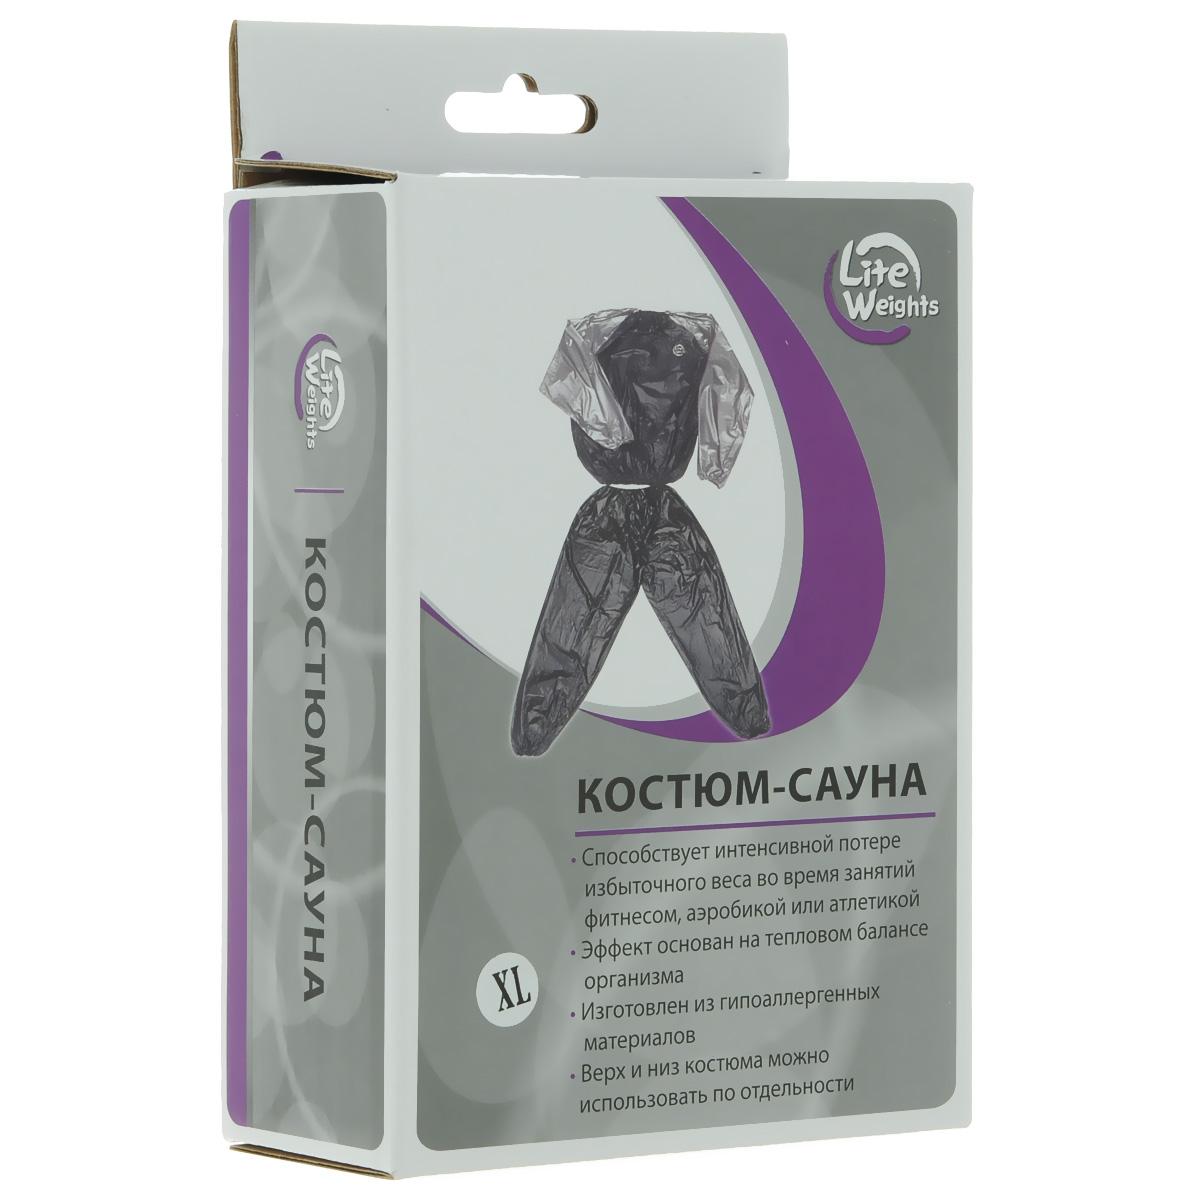 Костюм-сауна Lite Weights, цвет: черный, серый. Размер XL5601SA (XL)Костюм-сауна Lite Weights способствует интенсивной потере избыточного веса во время занятий фитнесом, аэробикой или атлетикой. Эффект основан на тепловом балансе организма. Костюм выполнен из гипоаллергенных материалов. При использовании этого костюма у вас пропадает лишний вес, калории сжигаются в несколько раз быстрее, чем во время обычных физических нагрузок, а вы выглядите с каждым днем все более привлекательно.Преимущества костюма-сауны 5601SA:Способствует интенсивной потере избыточного веса во время занятий фитнесом, аэробикой или атлетикойЭффект основан на тепловом балансе организмаИзготовлен из гипоаллергенных материаловВерхняя и нижняя части костюма могут применяться как вместе, так и по отдельностиПодходит как для мужчин, так и для женщин.Толщина материала: 0,1 мм.Длина куртки: 71 см.Ширина куртки: 68 см.Длина рукавов куртки: 68 см.Диаметр рукавов куртки: 17,5 см.Диаметр воротниковой зоны куртки: 37 см.Длина брюк: 115 см.Обхват талии брюк: 63,5 см.Обхват брюк в районе щиколотки: 20,5 см.